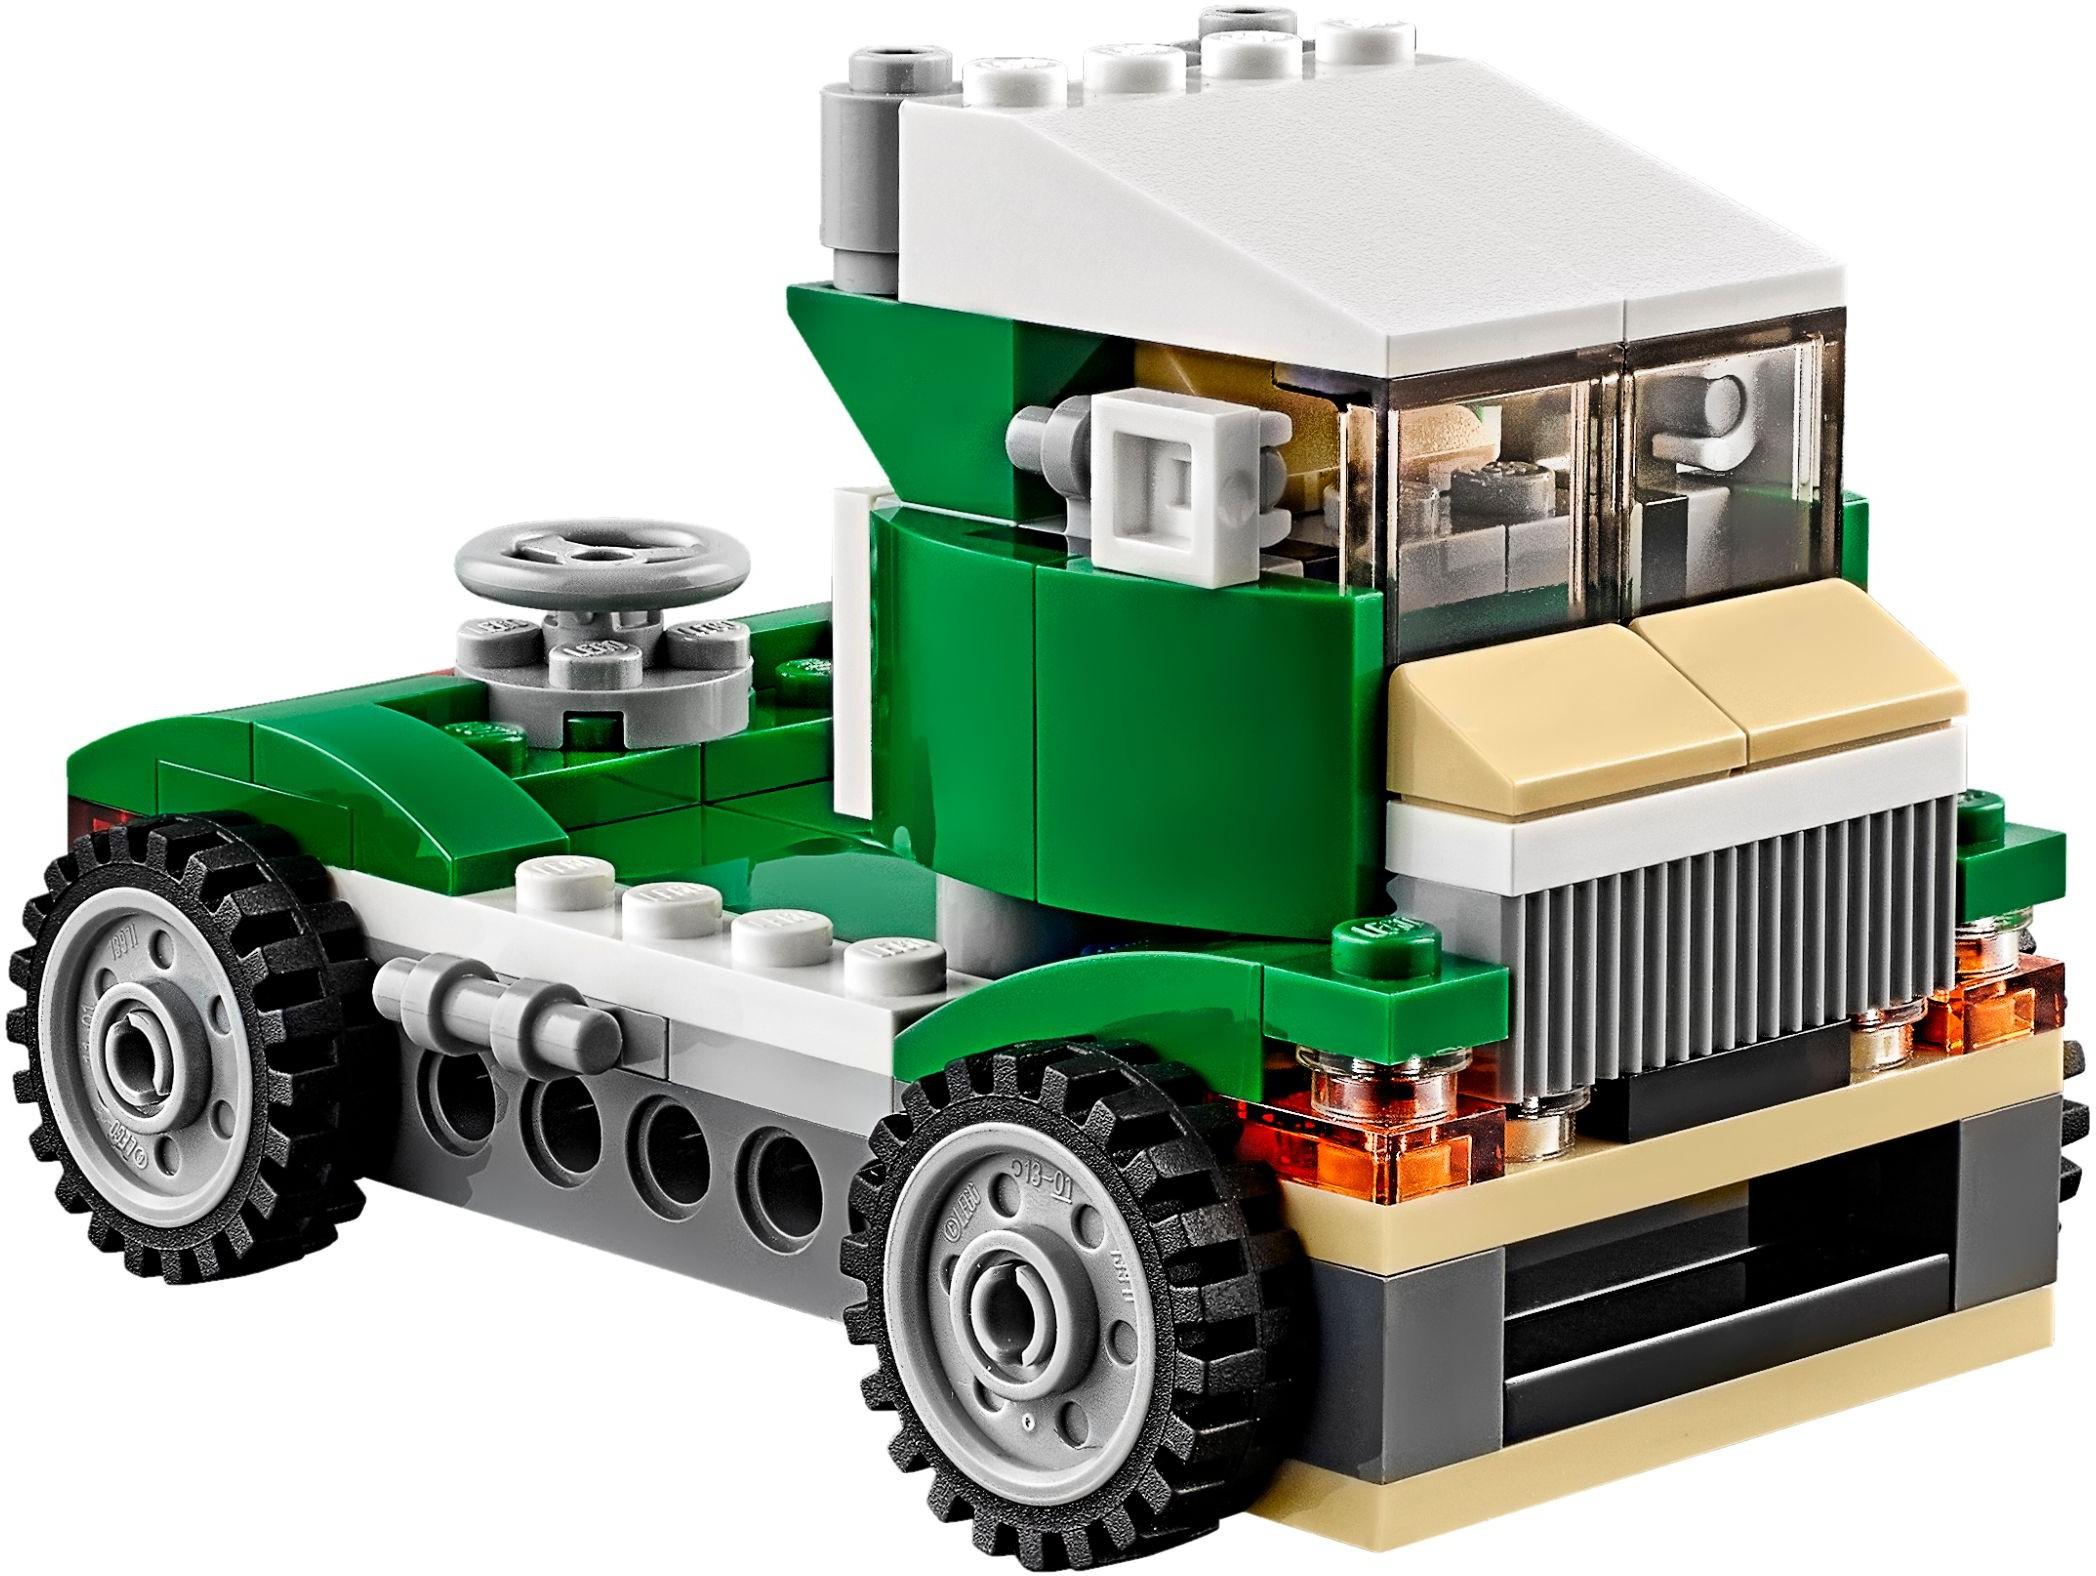 Mua đồ chơi LEGO 31056 - LEGO Creator 31056 - Mô hình Xe Đua - Xe Tải - Thuyền Đua 3-trong-1 (LEGO Creator Green Cruiser 31056)